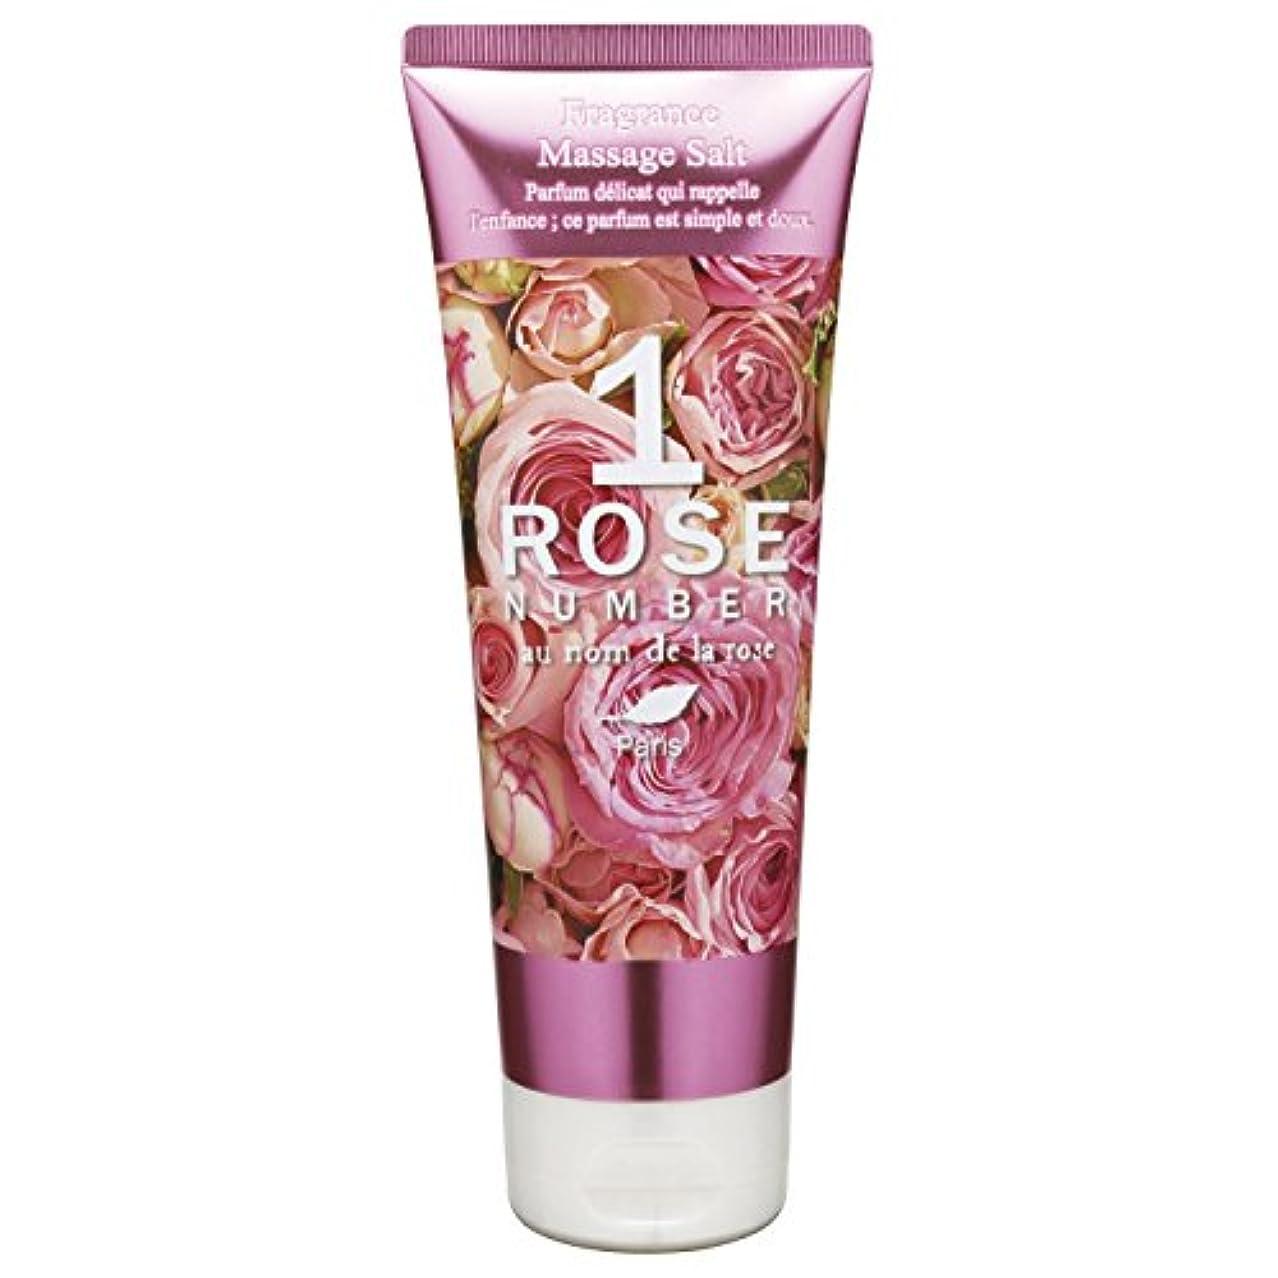 アクティビティ同封する禁止ROSE NUMBER スクラブモイストバスソルト NO1 ピュアなバラの香り (250g)